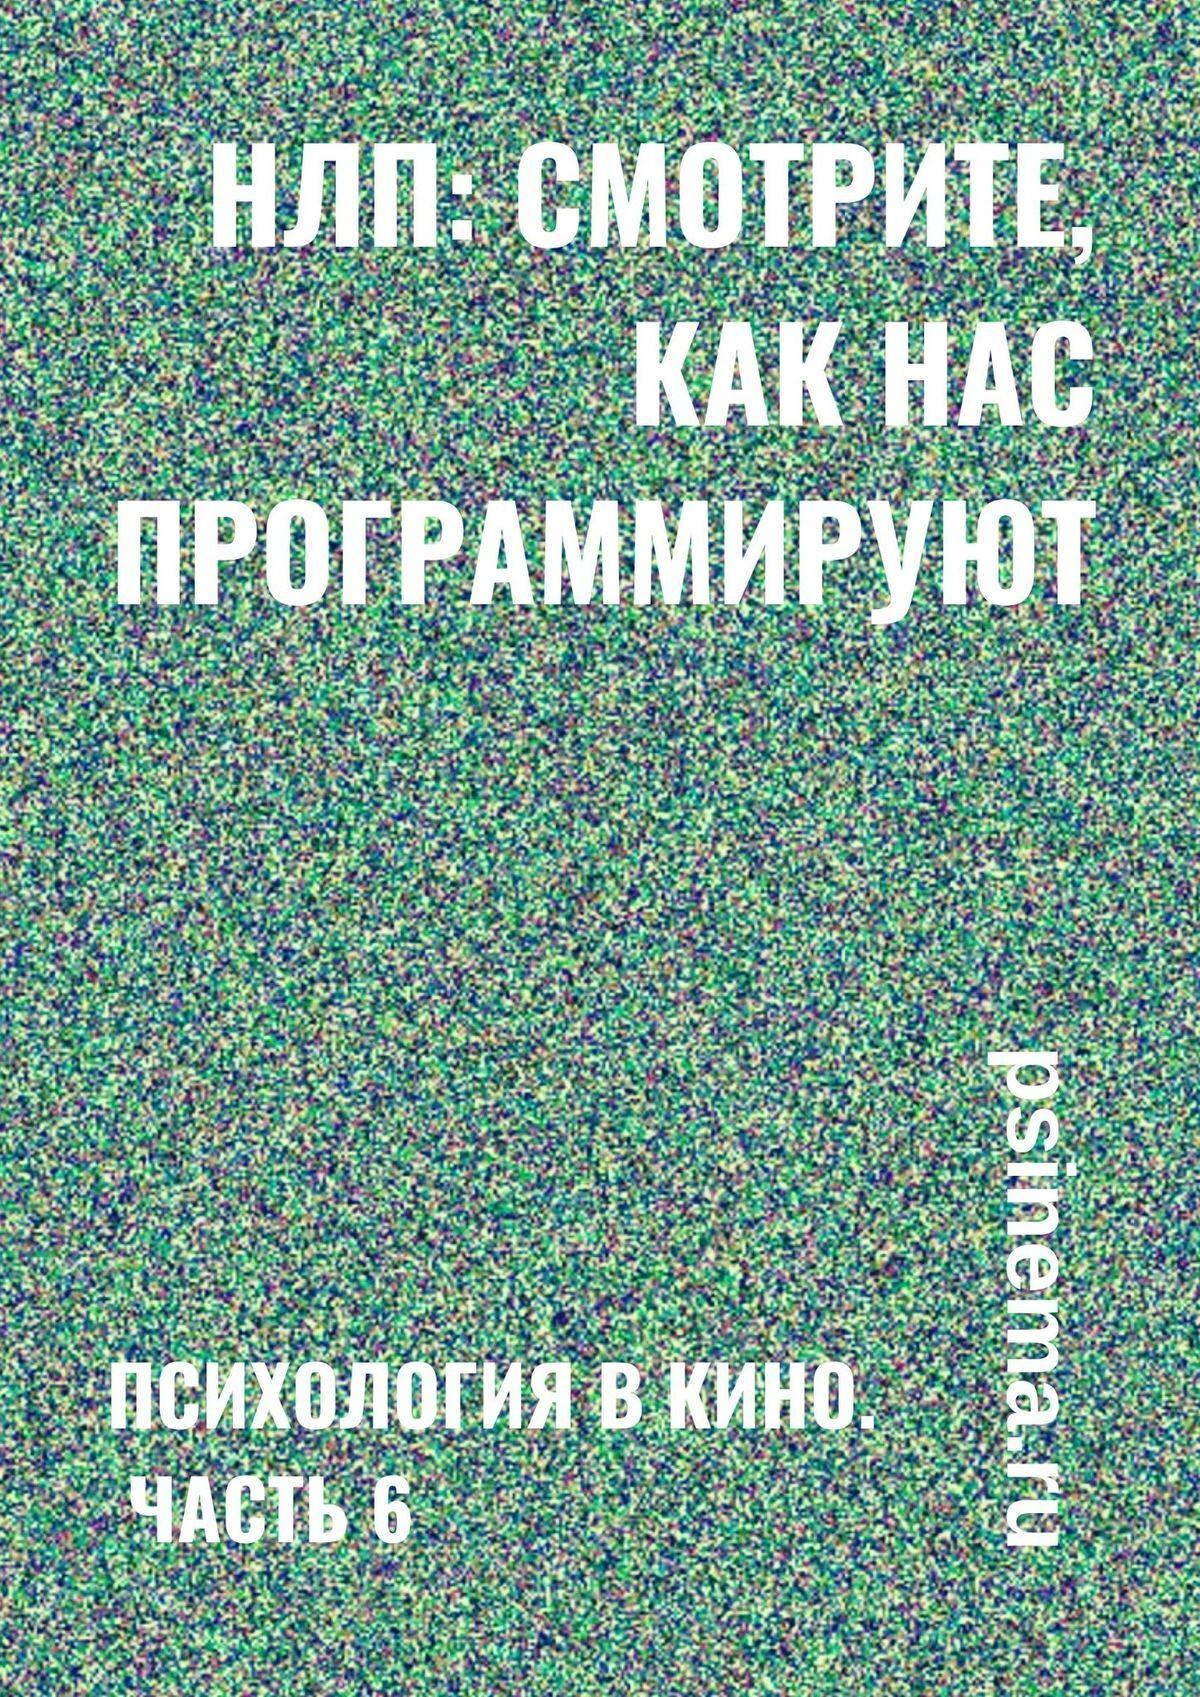 Анатолий Верчинский НЛП: смотрите, как нас программируют! Психология в кино. Часть 6 анатолий верчинский 1000